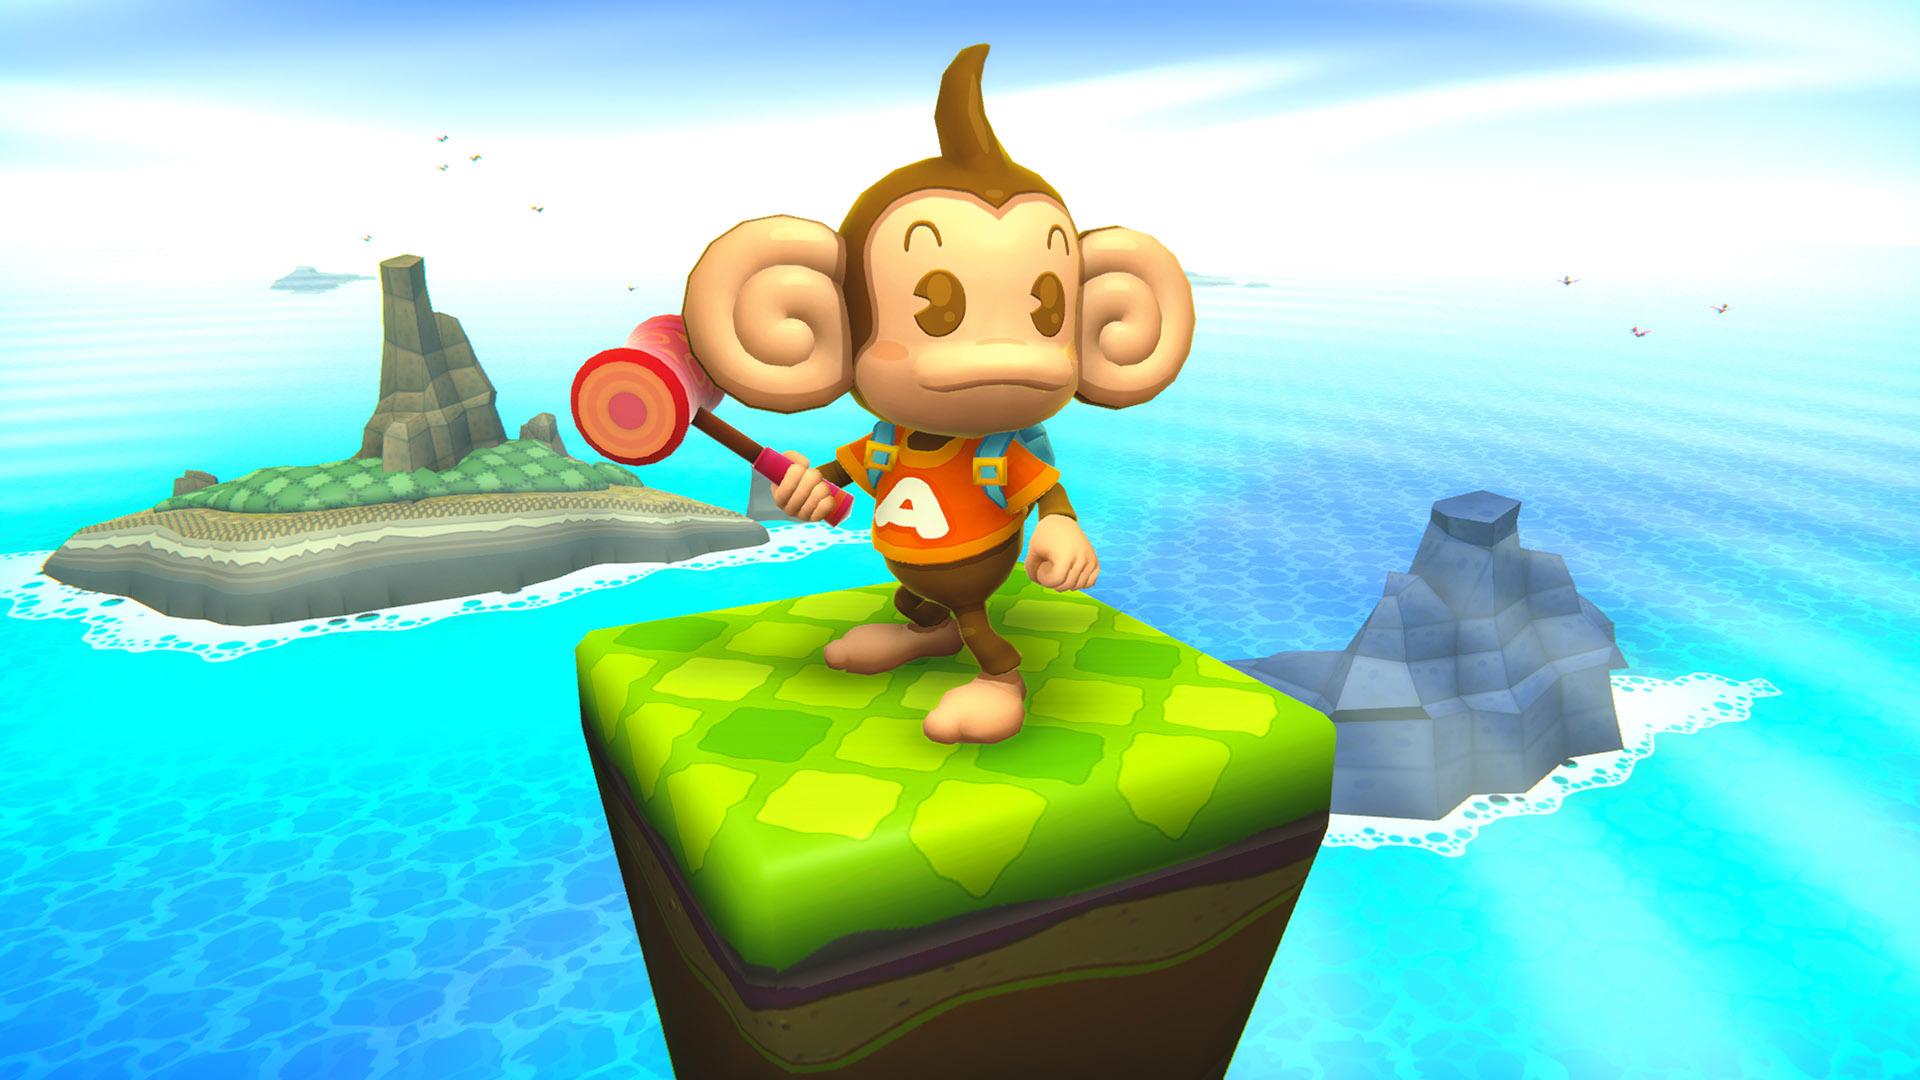 派对游戏尽情狂欢!  《现尝好滋味!超级猴子球》公开第3波游戏资讯